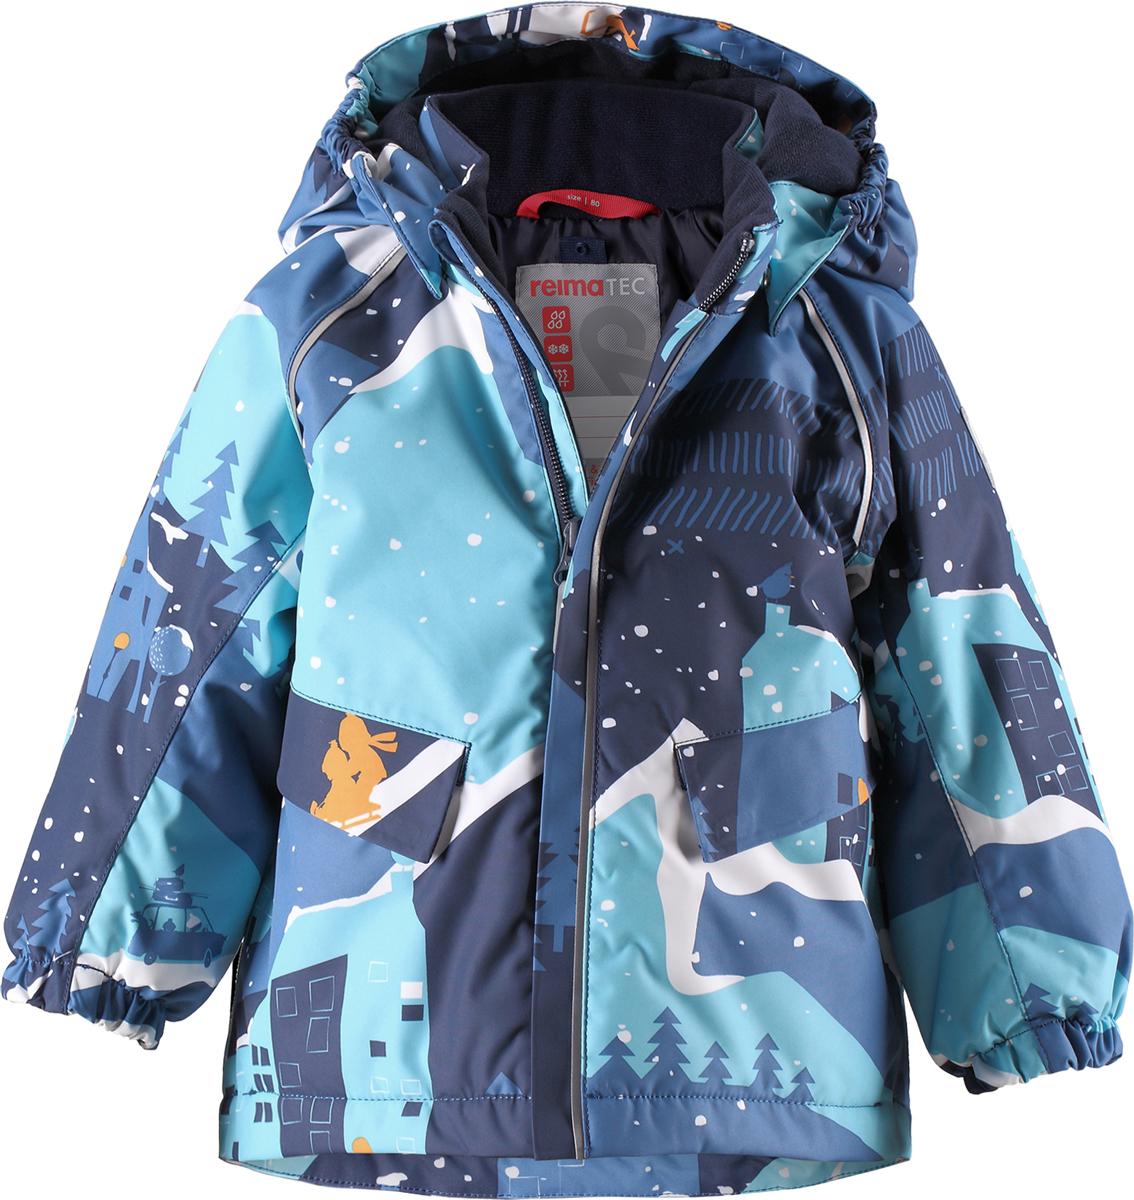 Купить Комплект верхней одежды для мальчика Reima Reimatec Mjuk, цвет: синий. 5131196795. Размер 86 на XWAP.SU